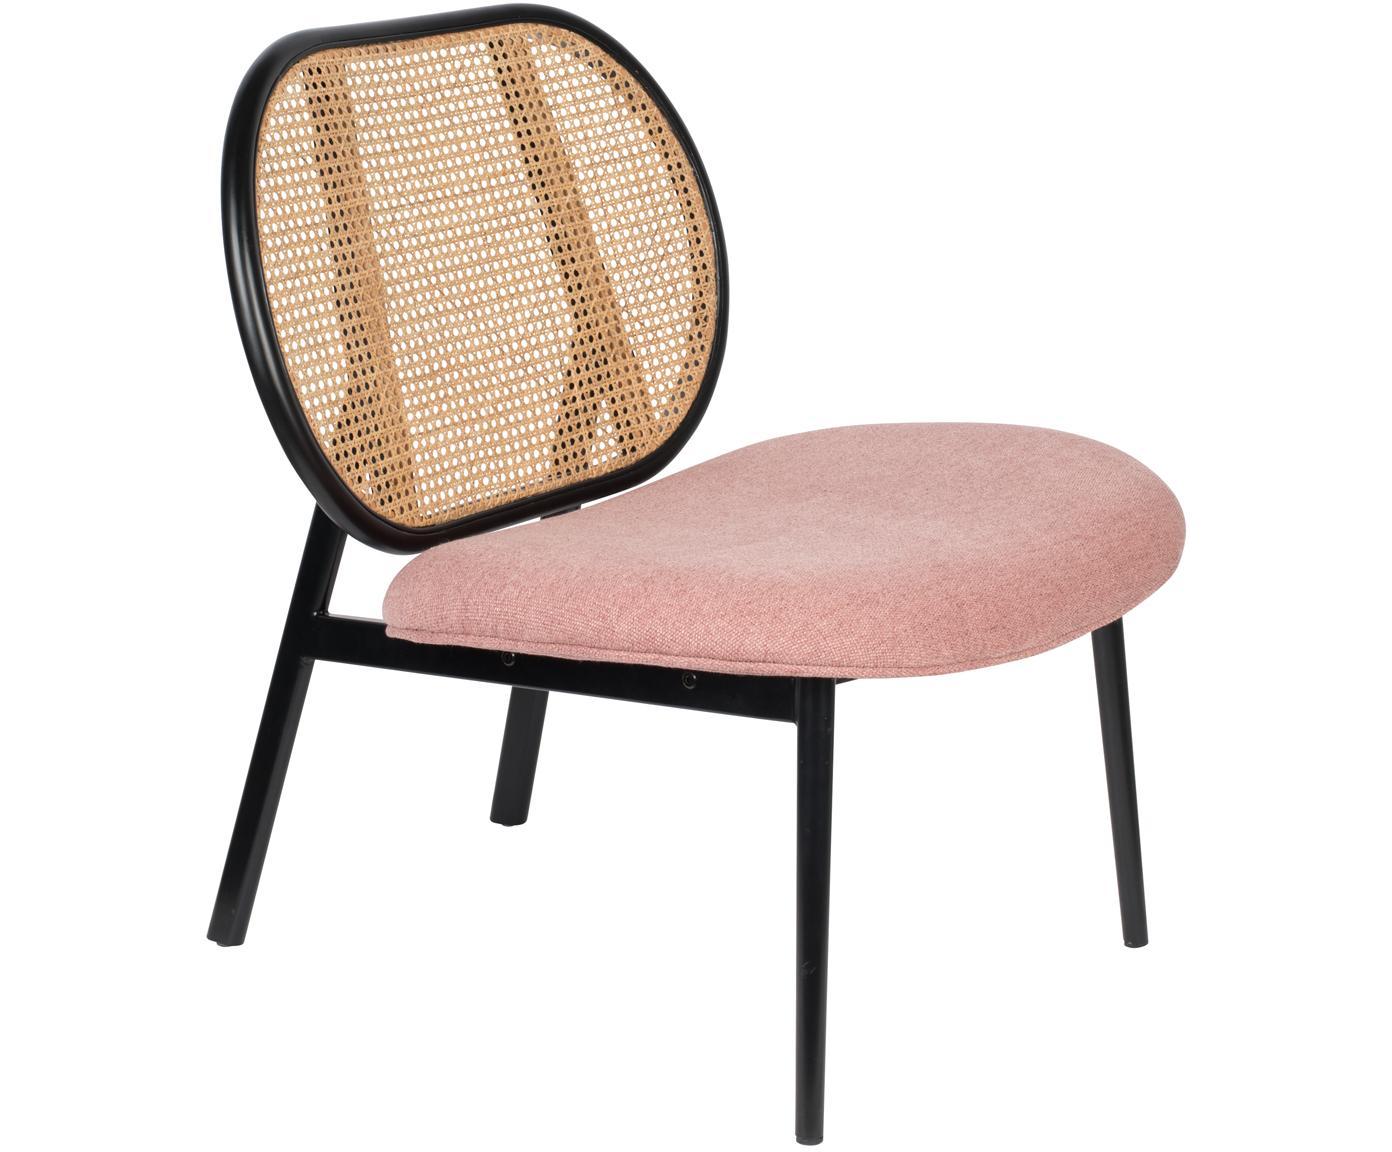 Loungefauteuil Spike, Bekleding: polyester, Frame: rotan, beukenhout, Poten: gepoedercoat metaal, Beige, roze, B 79 x D 70 cm